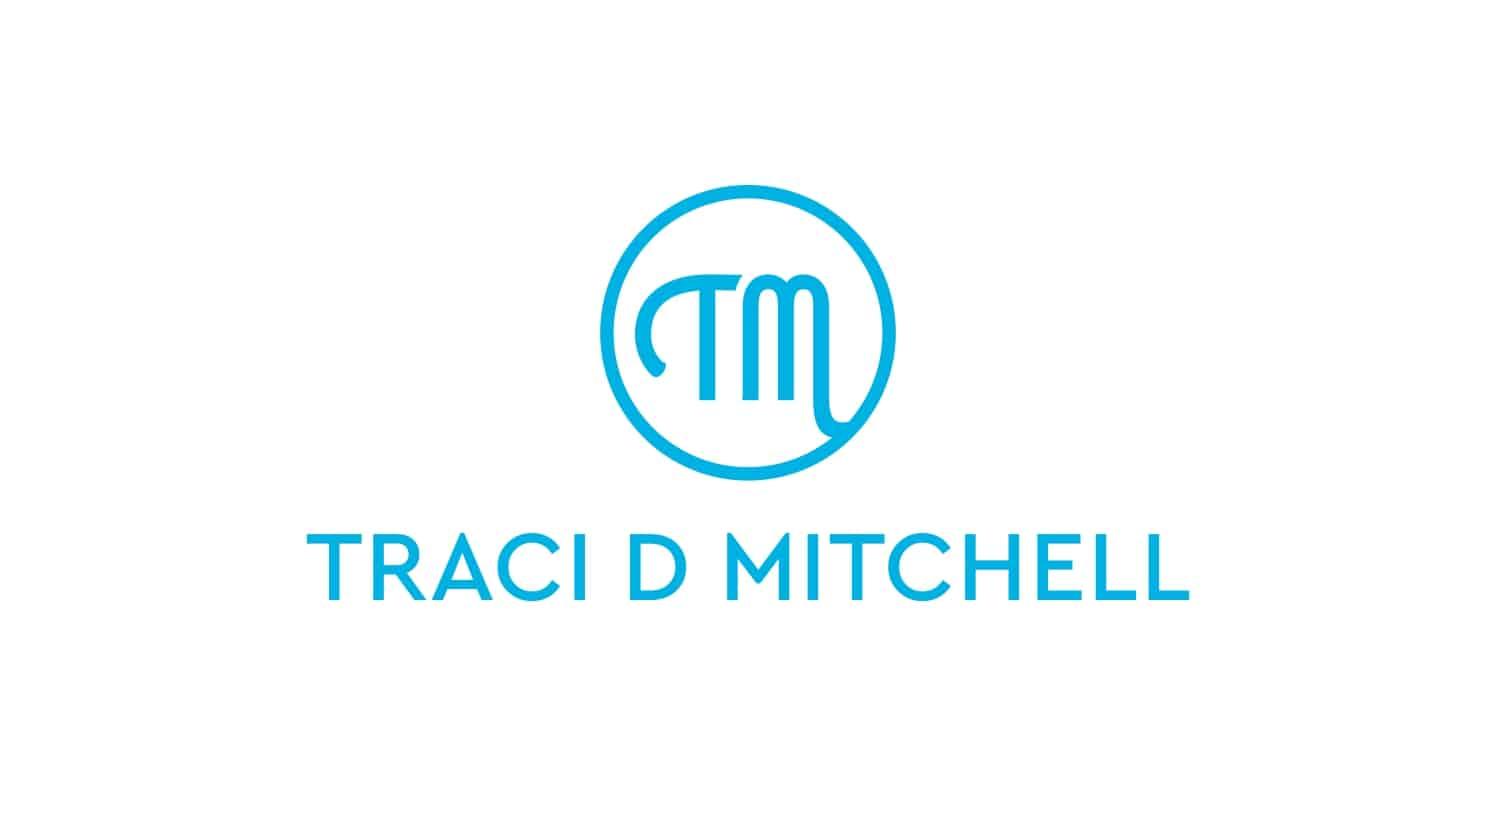 Traci D Mitchell